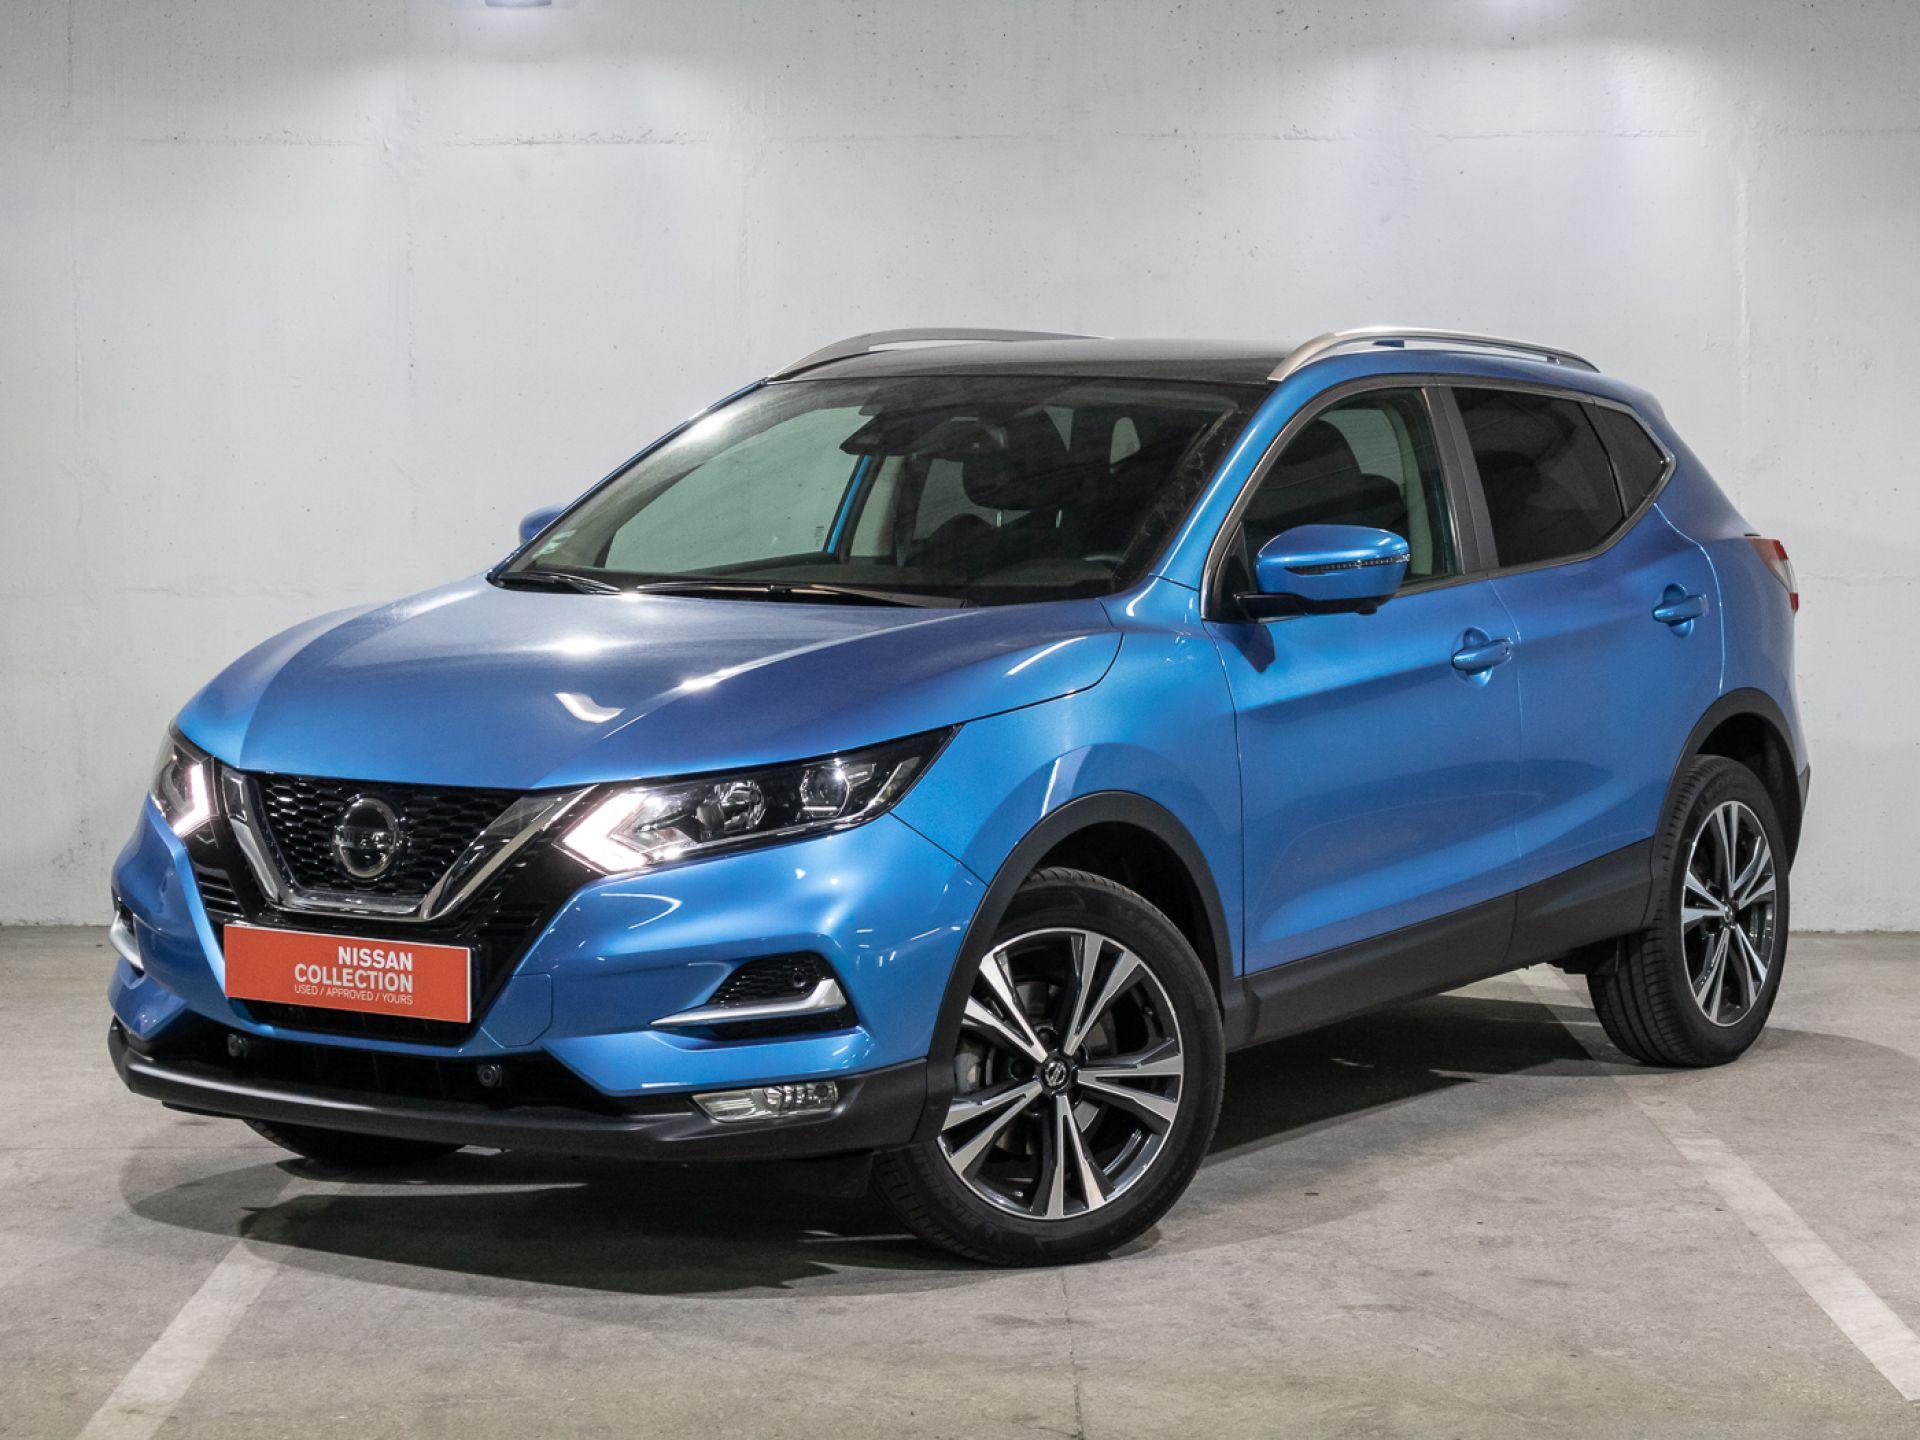 Nissan Qashqai DIG-T 103 kW (140 CV) E6D N-CONNECTA segunda mão Lisboa